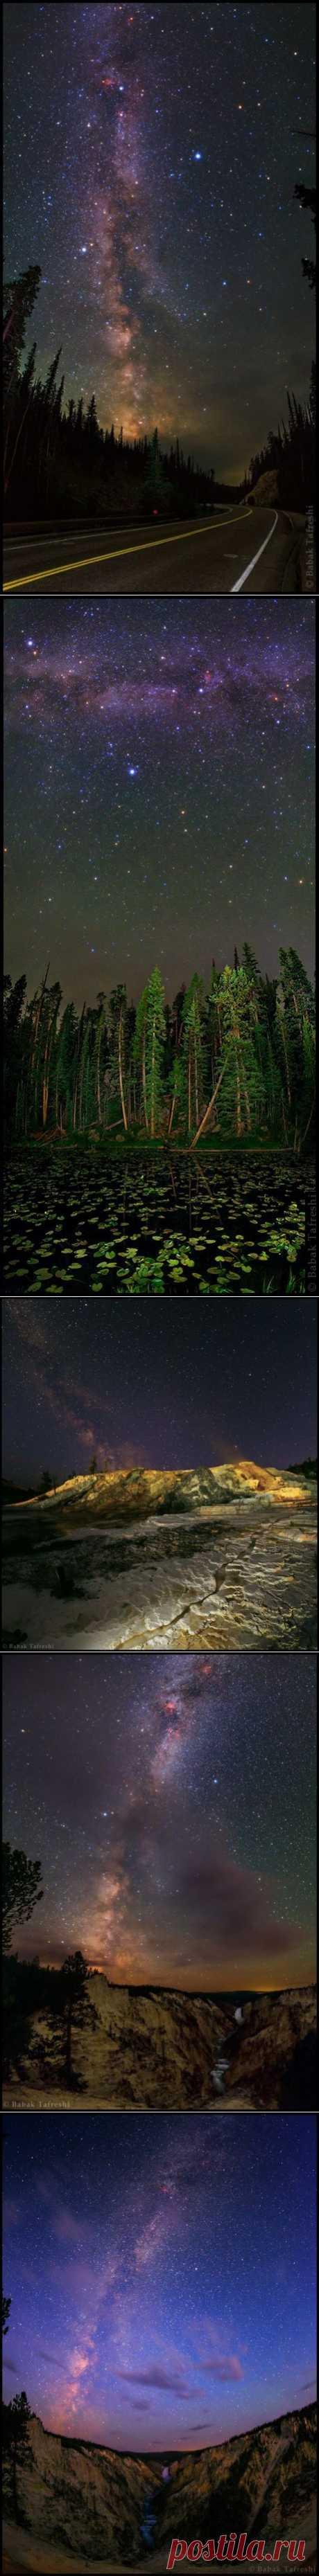 Млечный Путь над национальным парком Йеллоустоун, штат Вайоминг, США.